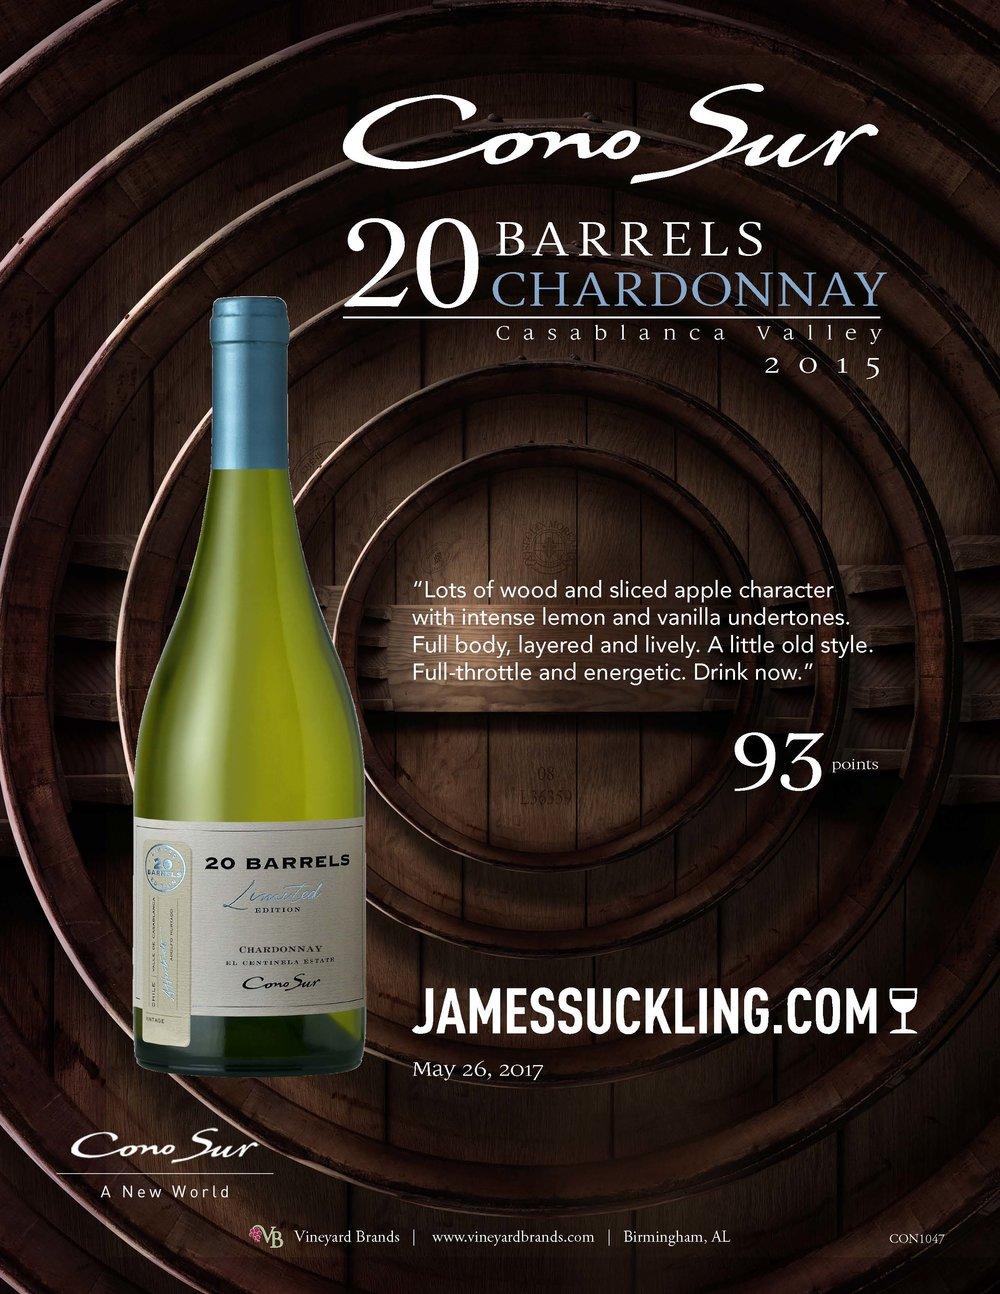 Cono Sur 20 Barrels Chardonnay 2015_JamesSuckling.jpg